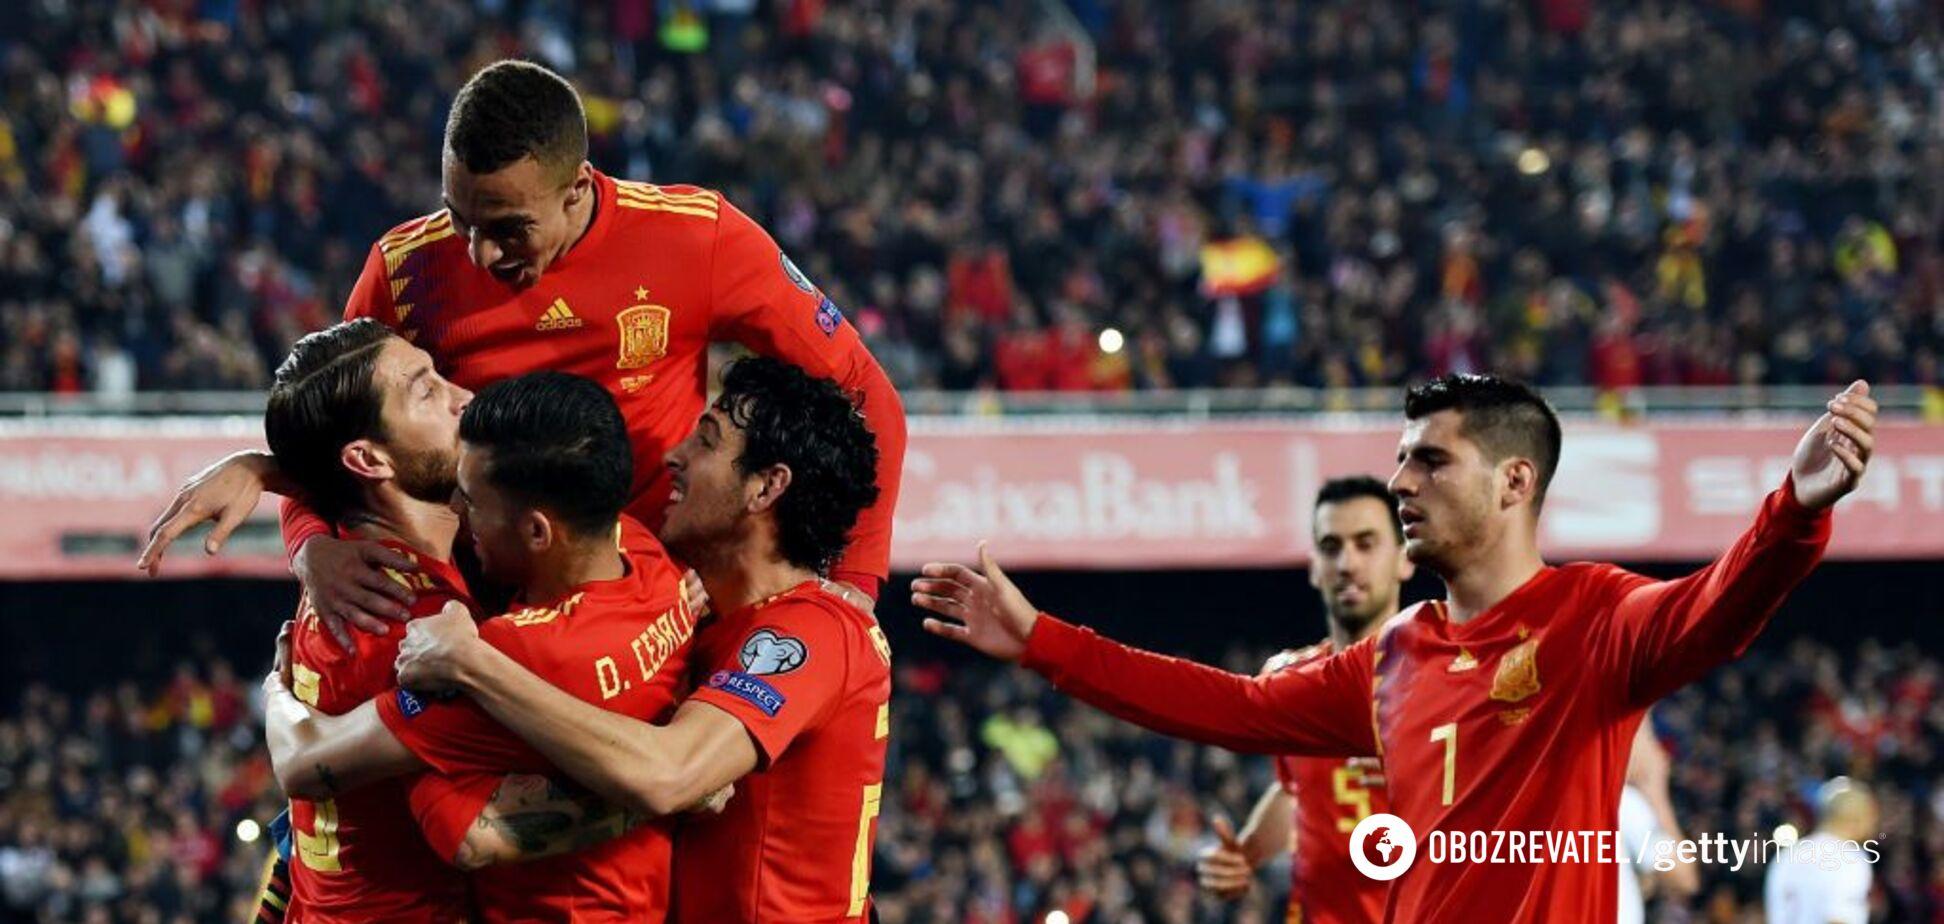 Натужна перемога Іспанії: результати відбору на Євро-2020 23 березня